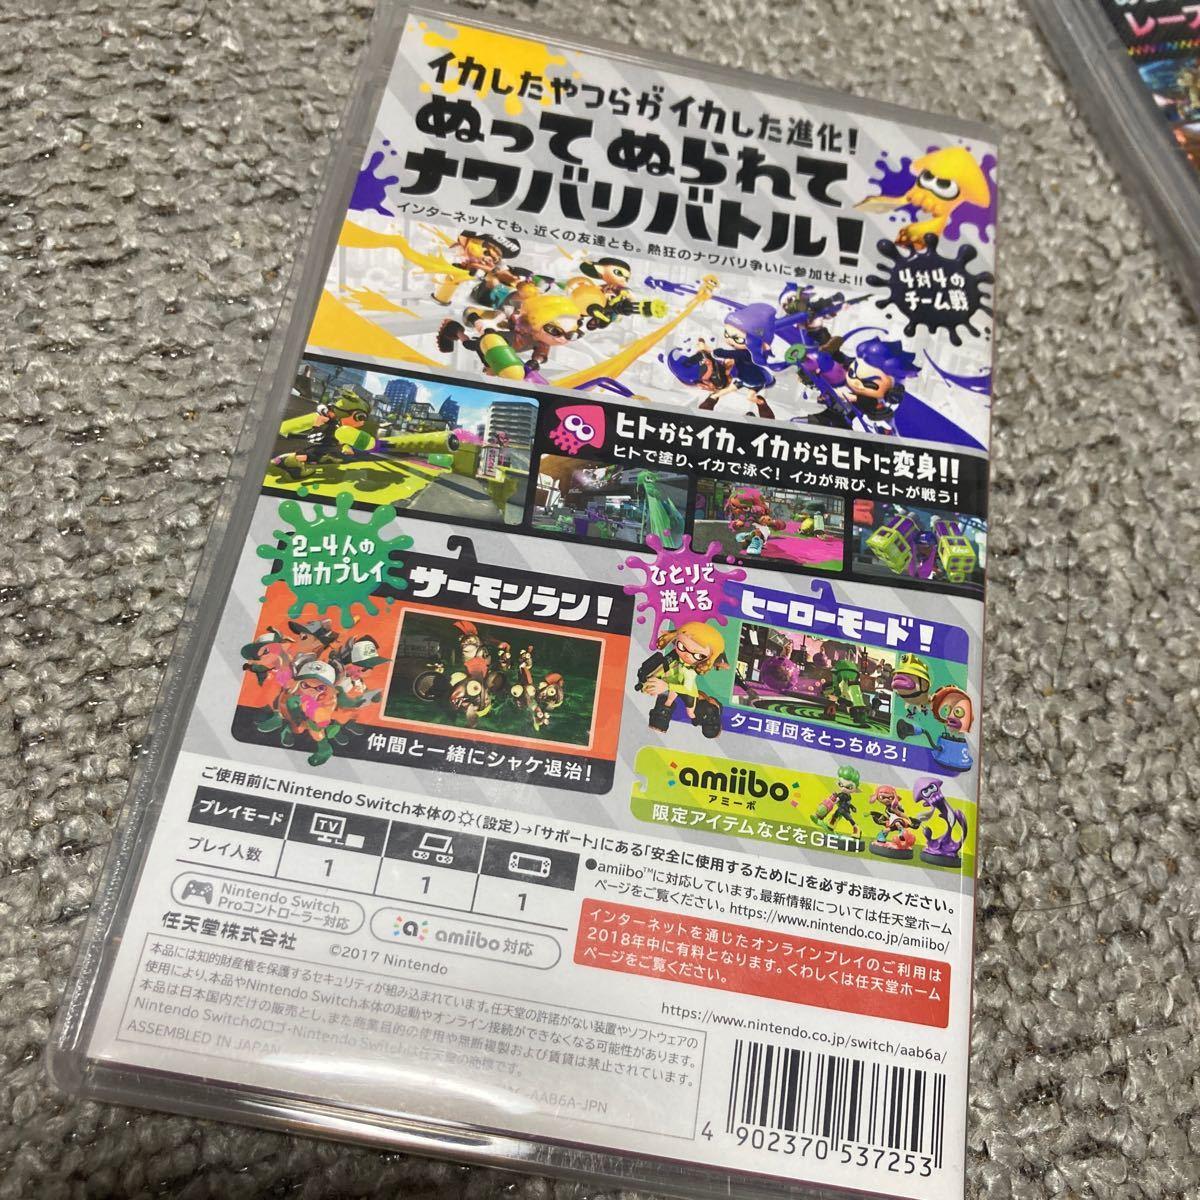 マリオカート8 デラックス スプラトゥーン2 ドンキーコングトロピカルフリーズ Nintendo Switch ソフト スイッチ